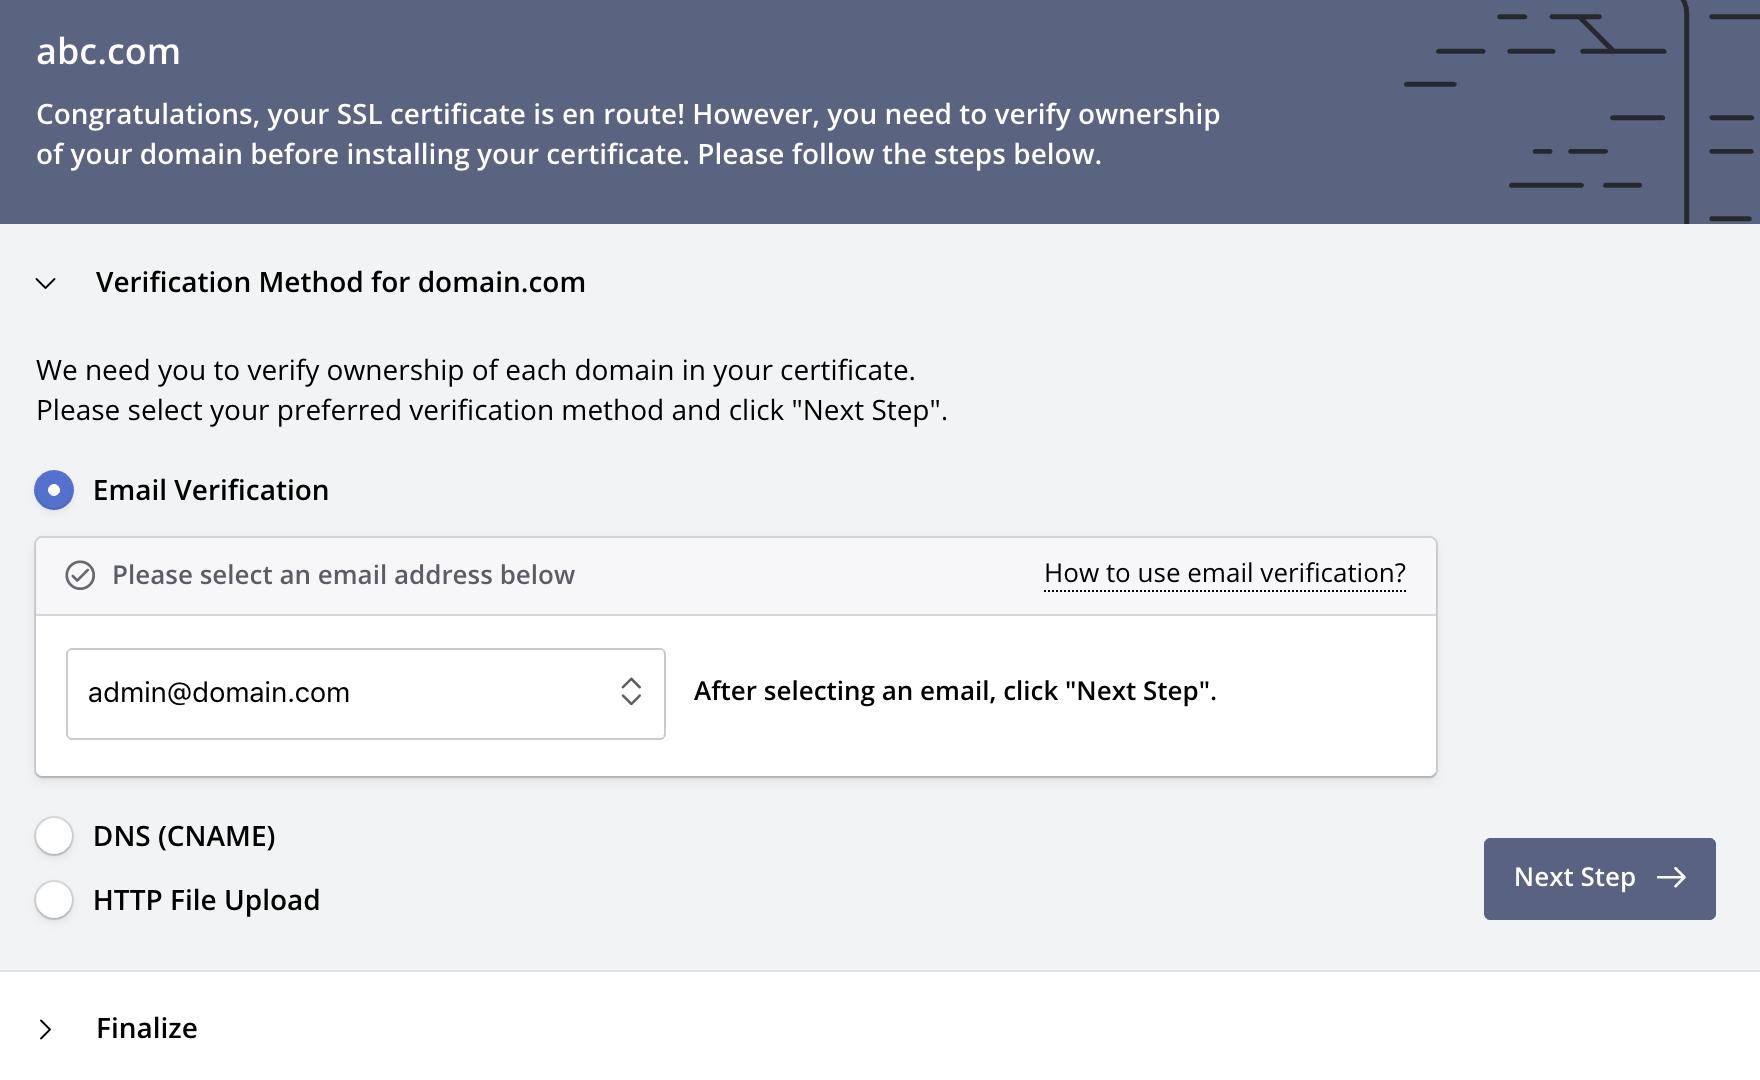 Verify Domains: Email Verification